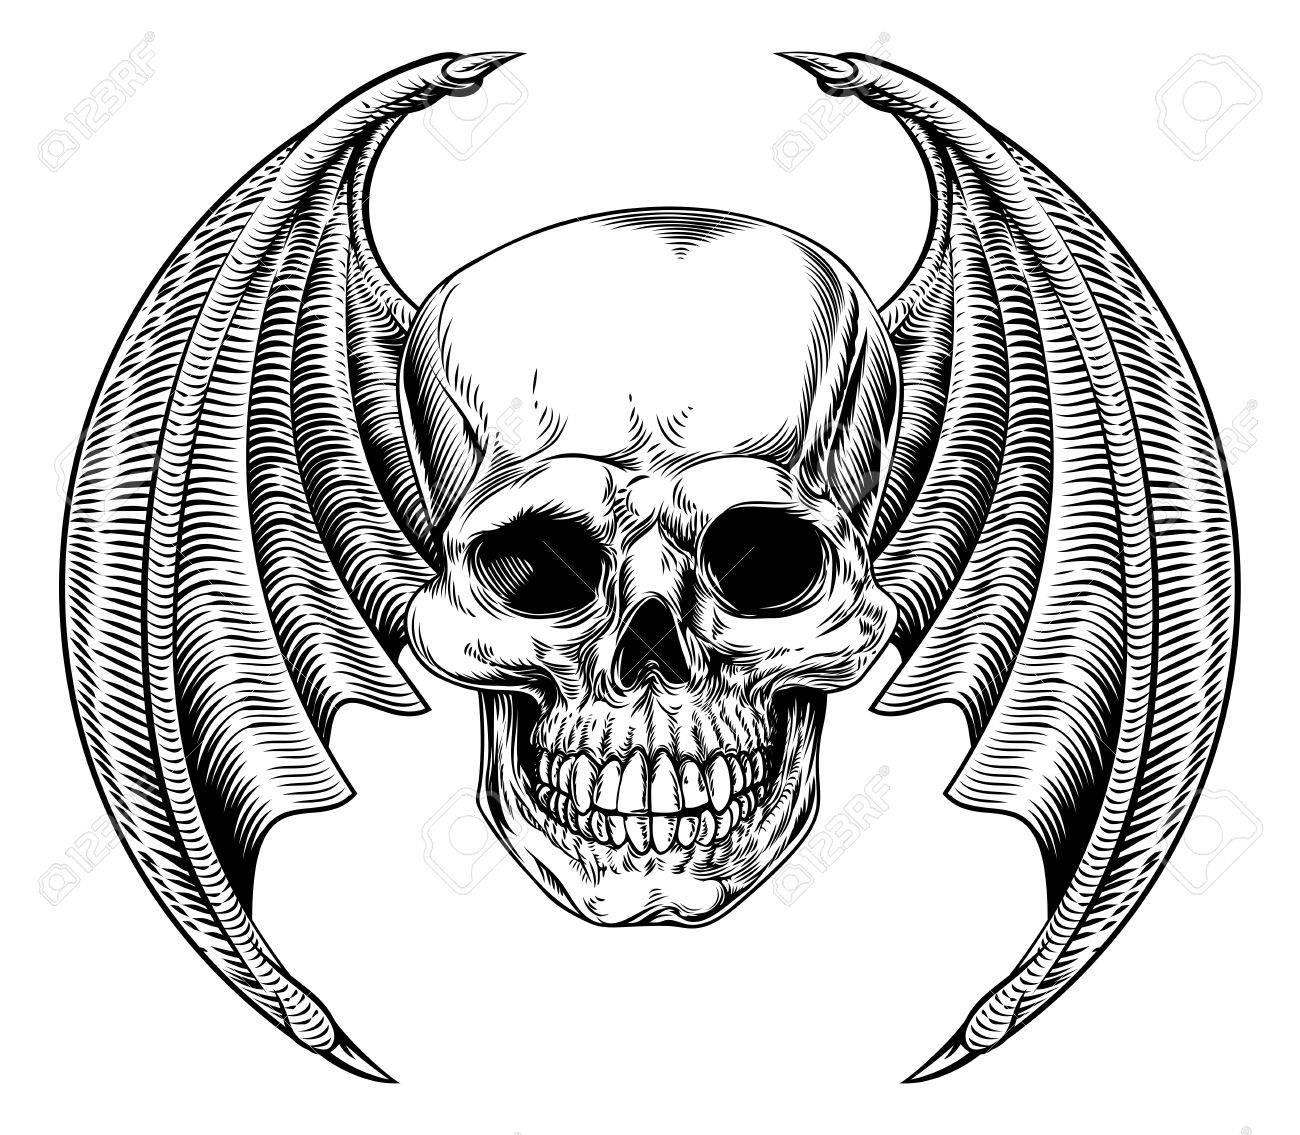 Bat skeleton drawing